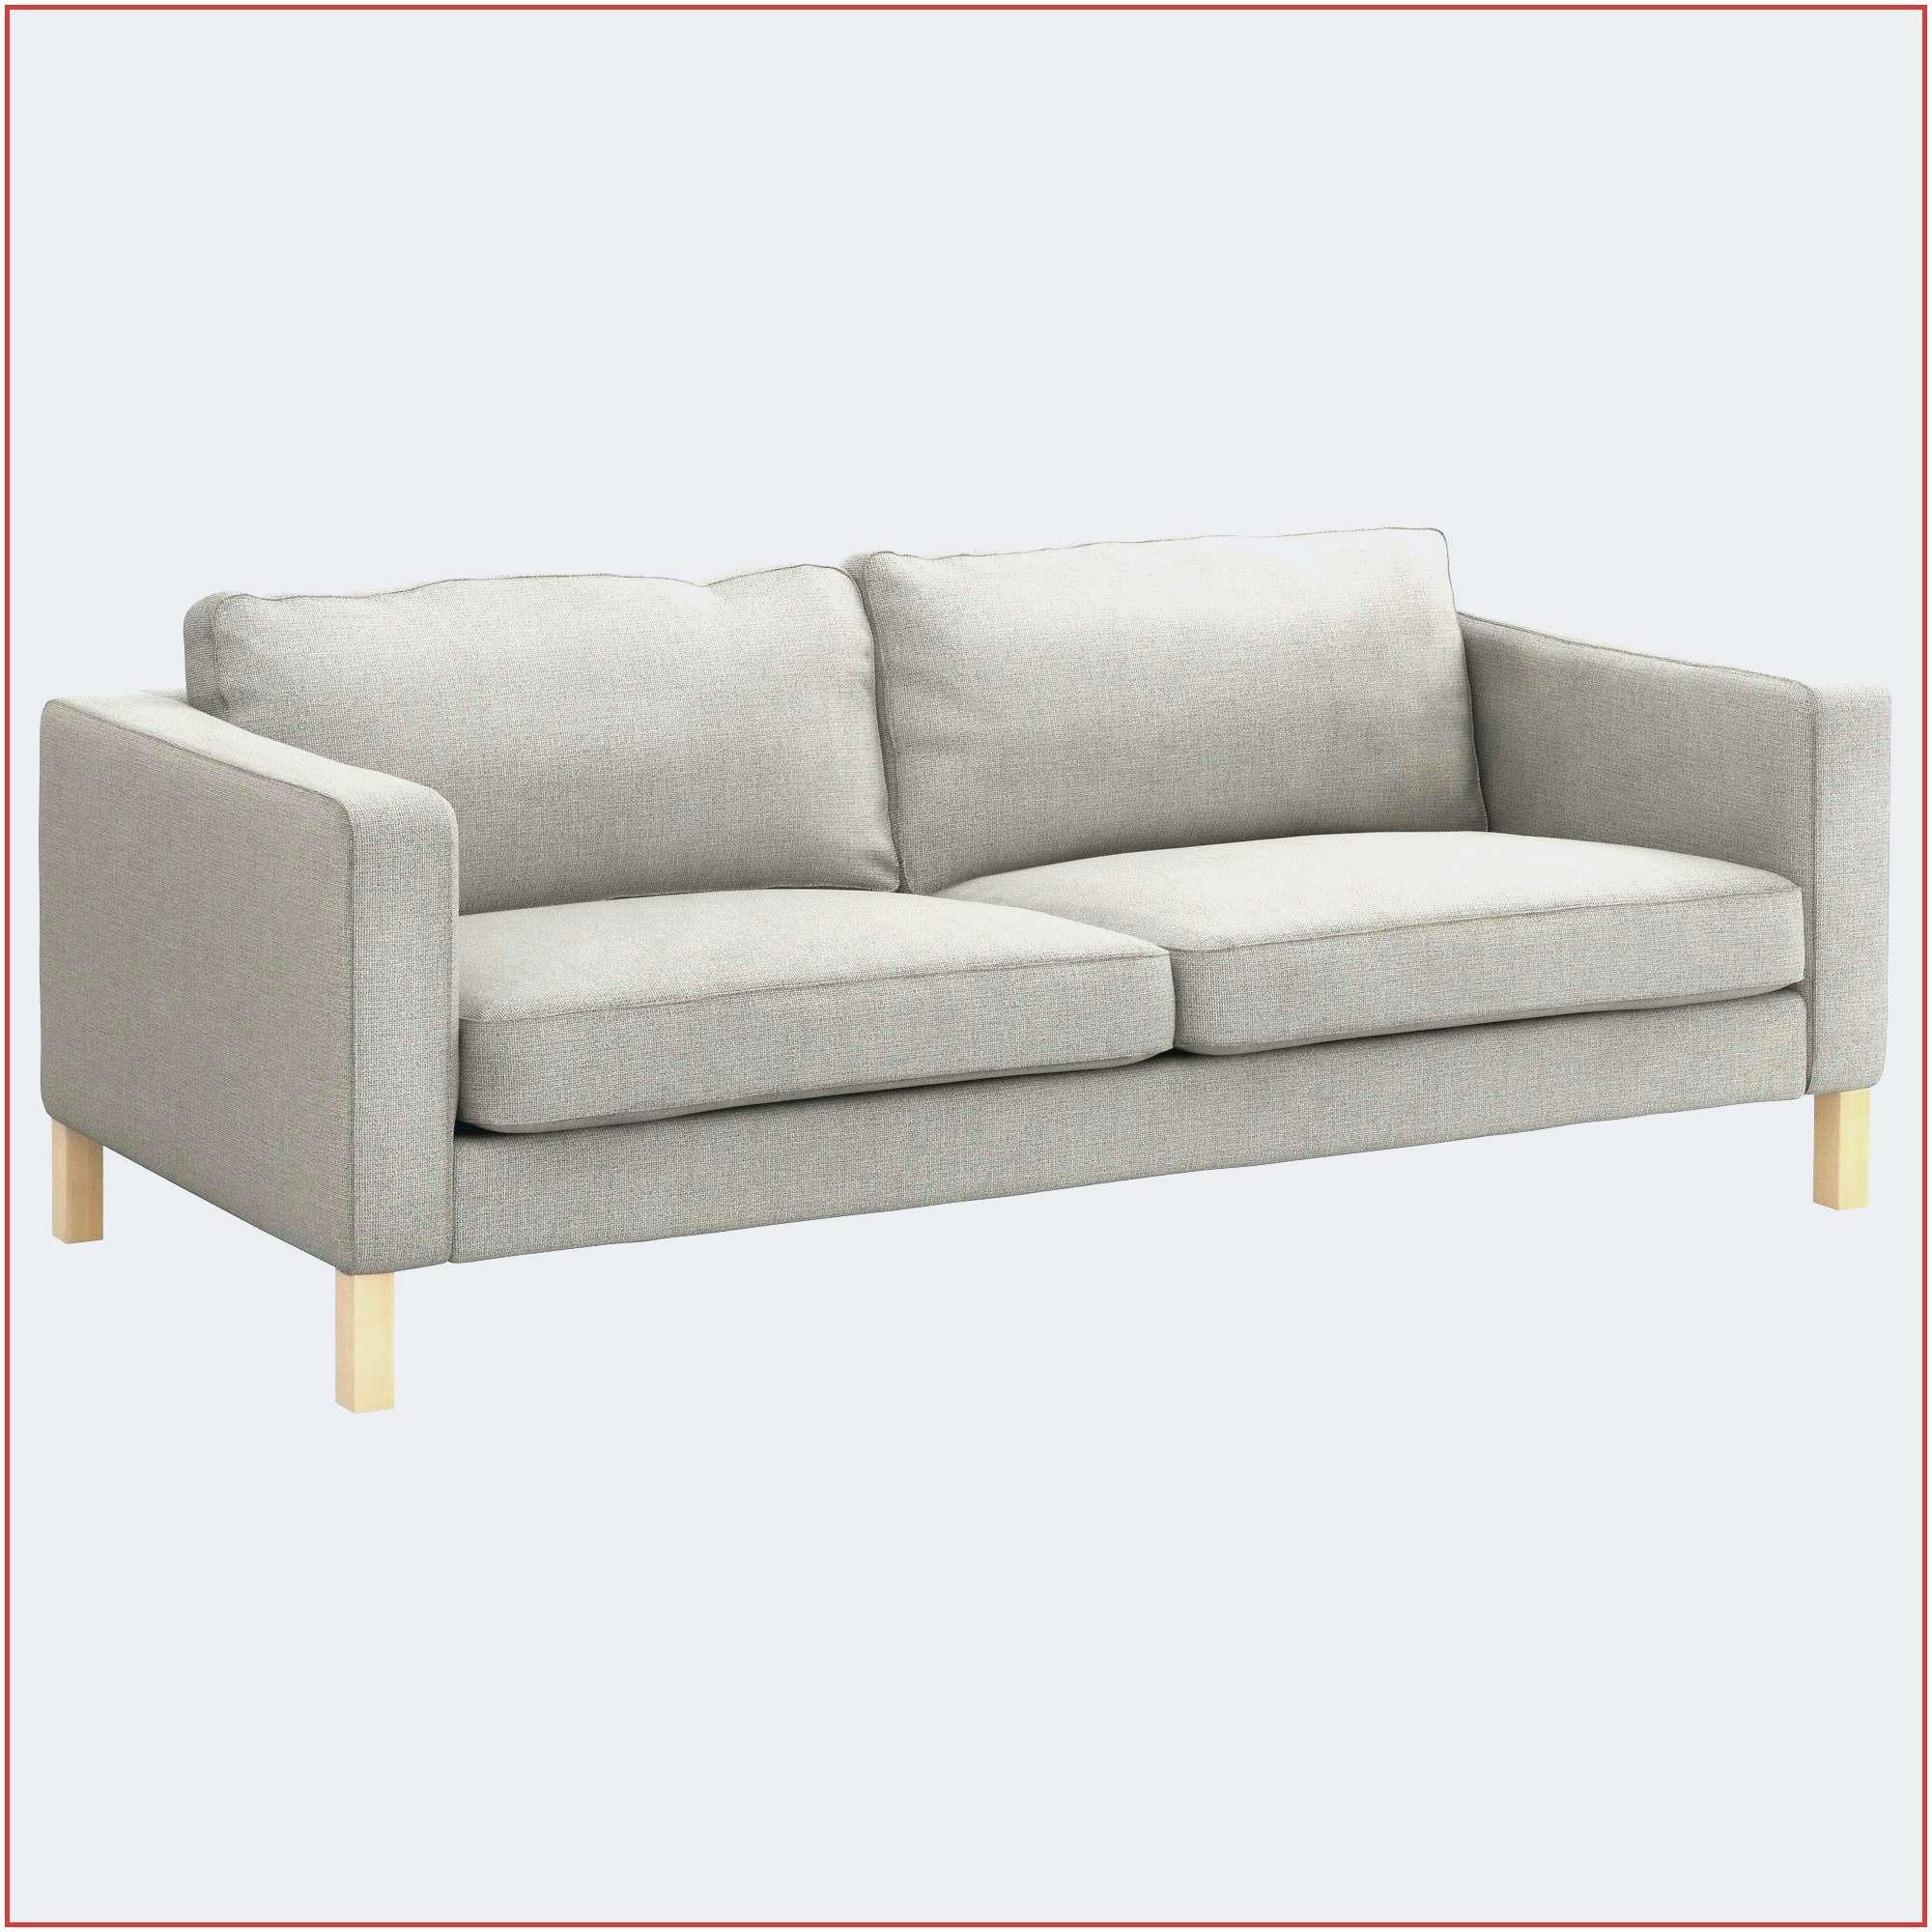 Canapé Lit Clic Clac Meilleur De Frais Ikea Canape Clic Clac New 107 Best Canapés Pinterest Pour